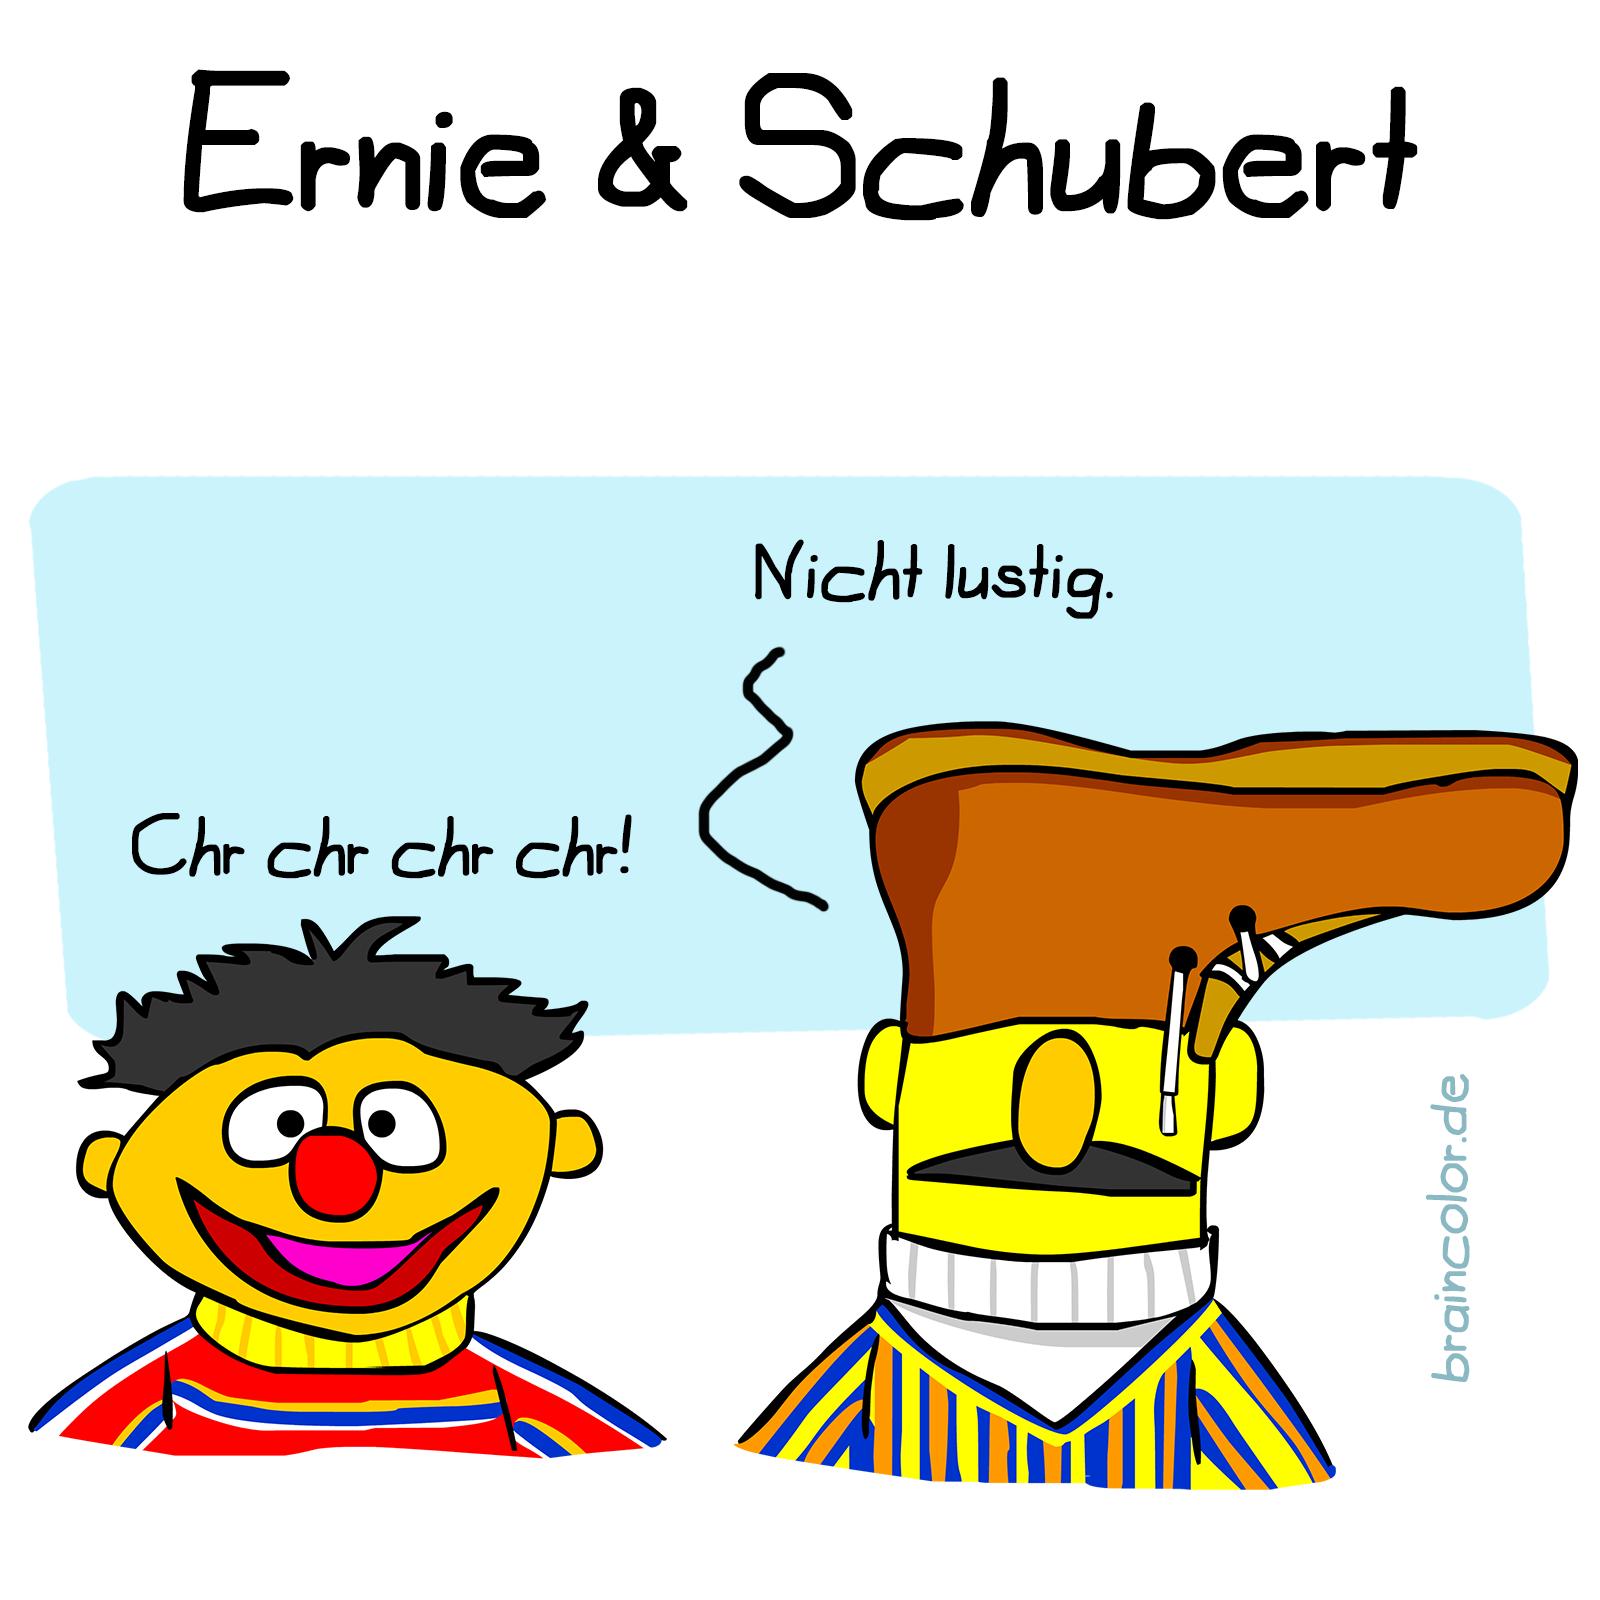 Ernie und Bert